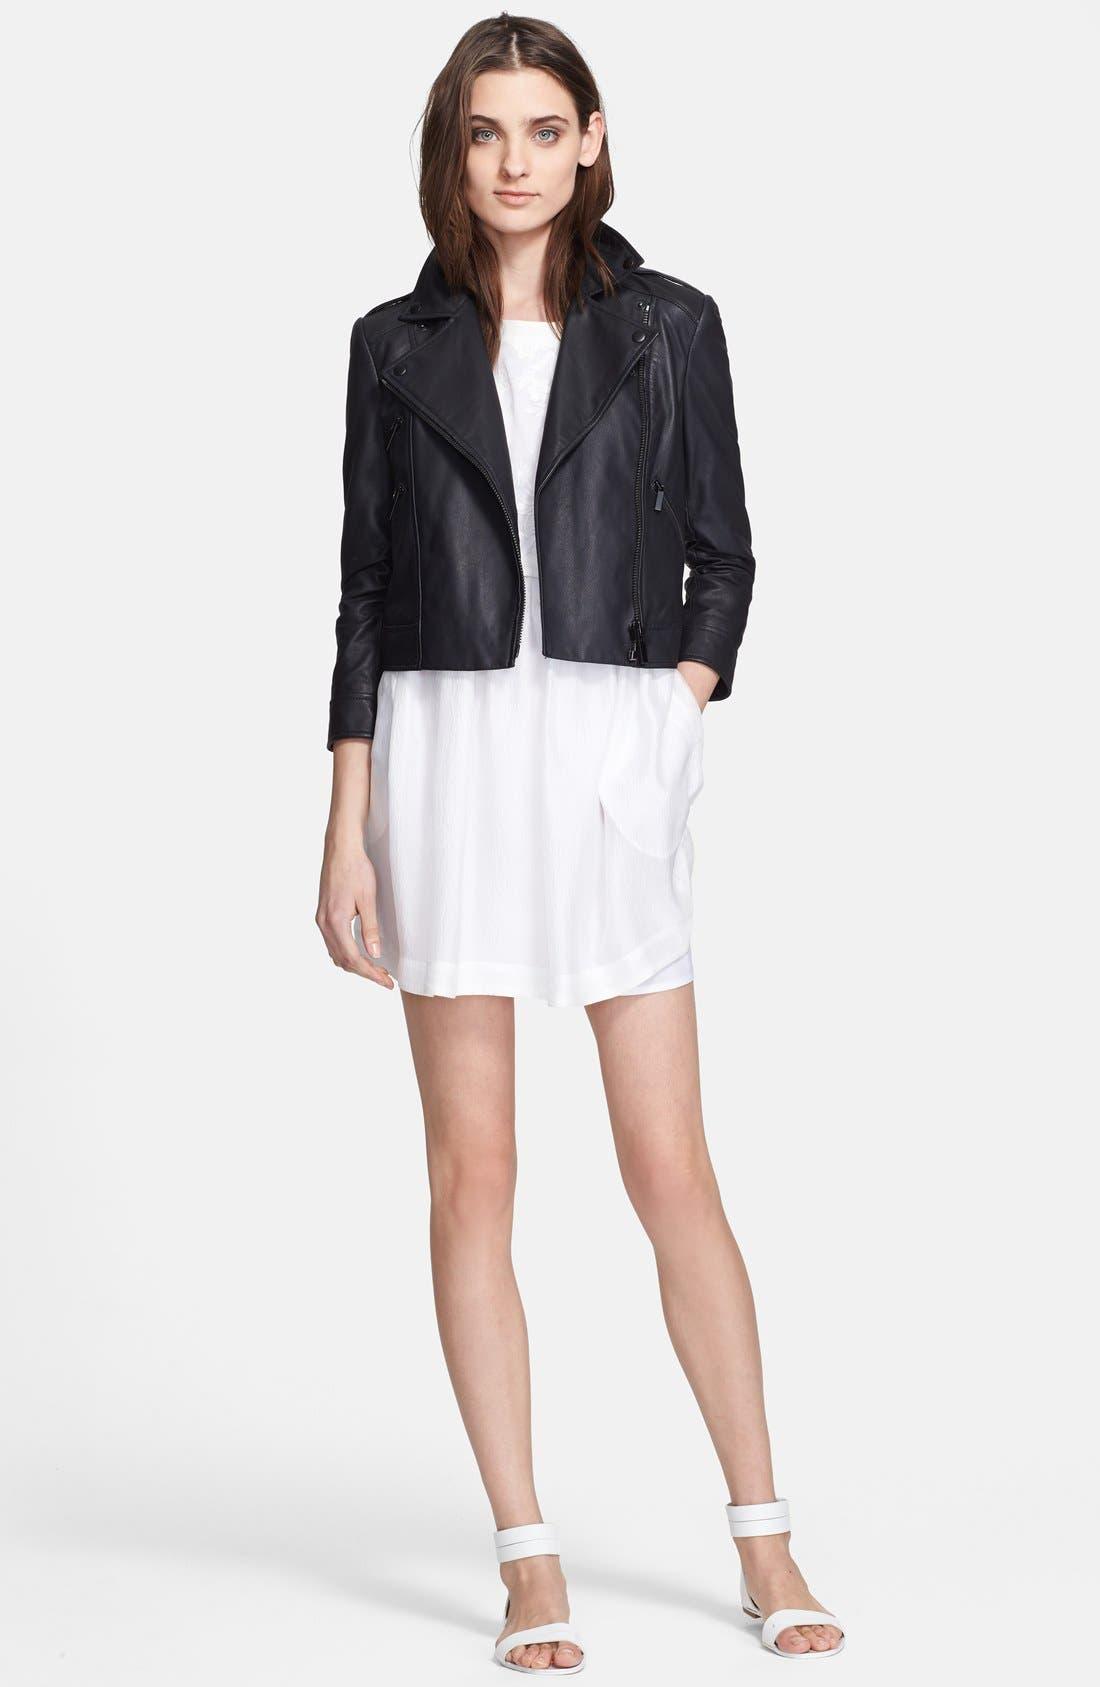 Main Image - Elizabeth and James 'Erwan' Leather Jacket